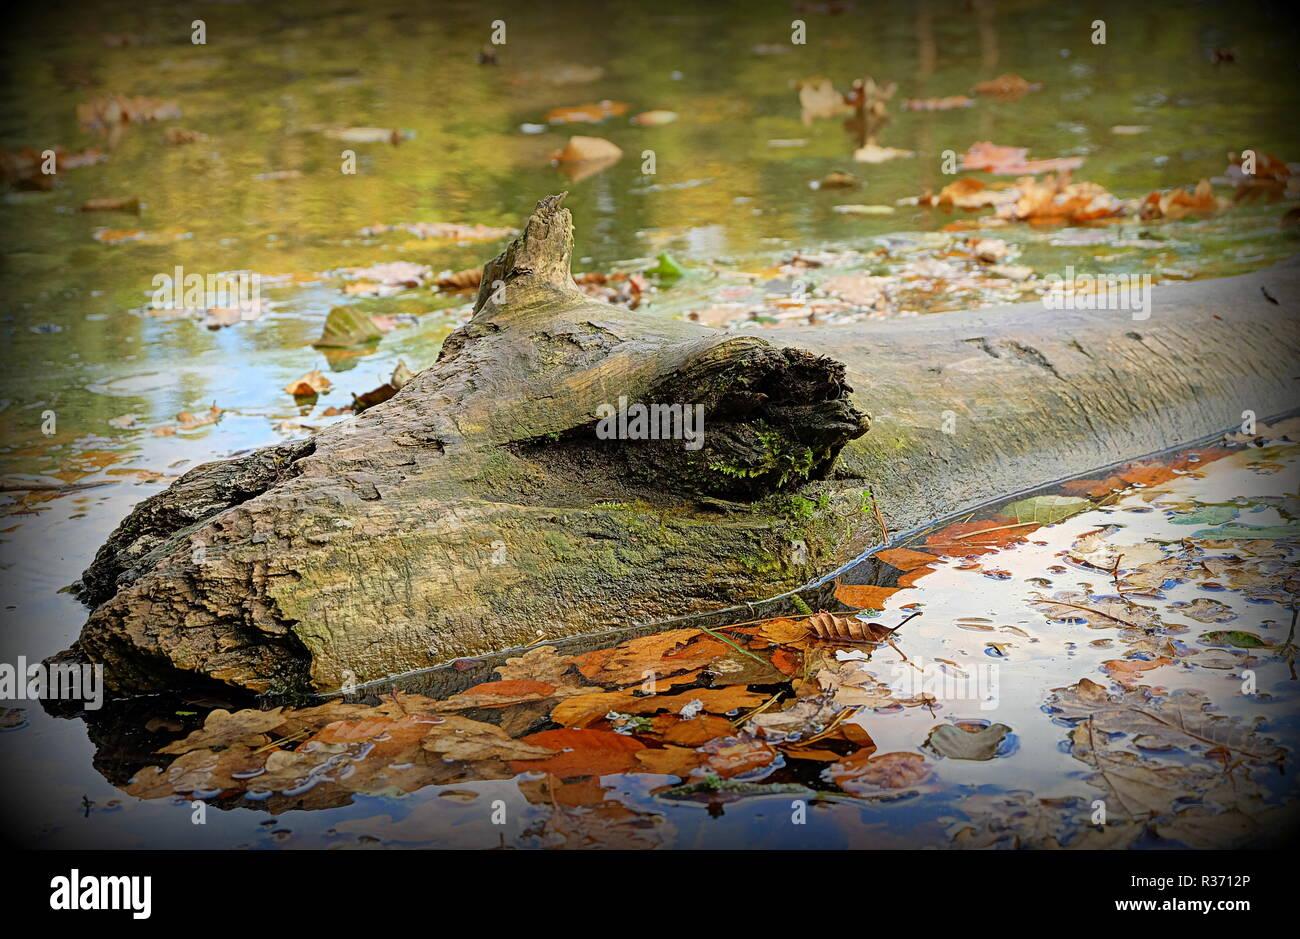 crocodile wood - Stock Image